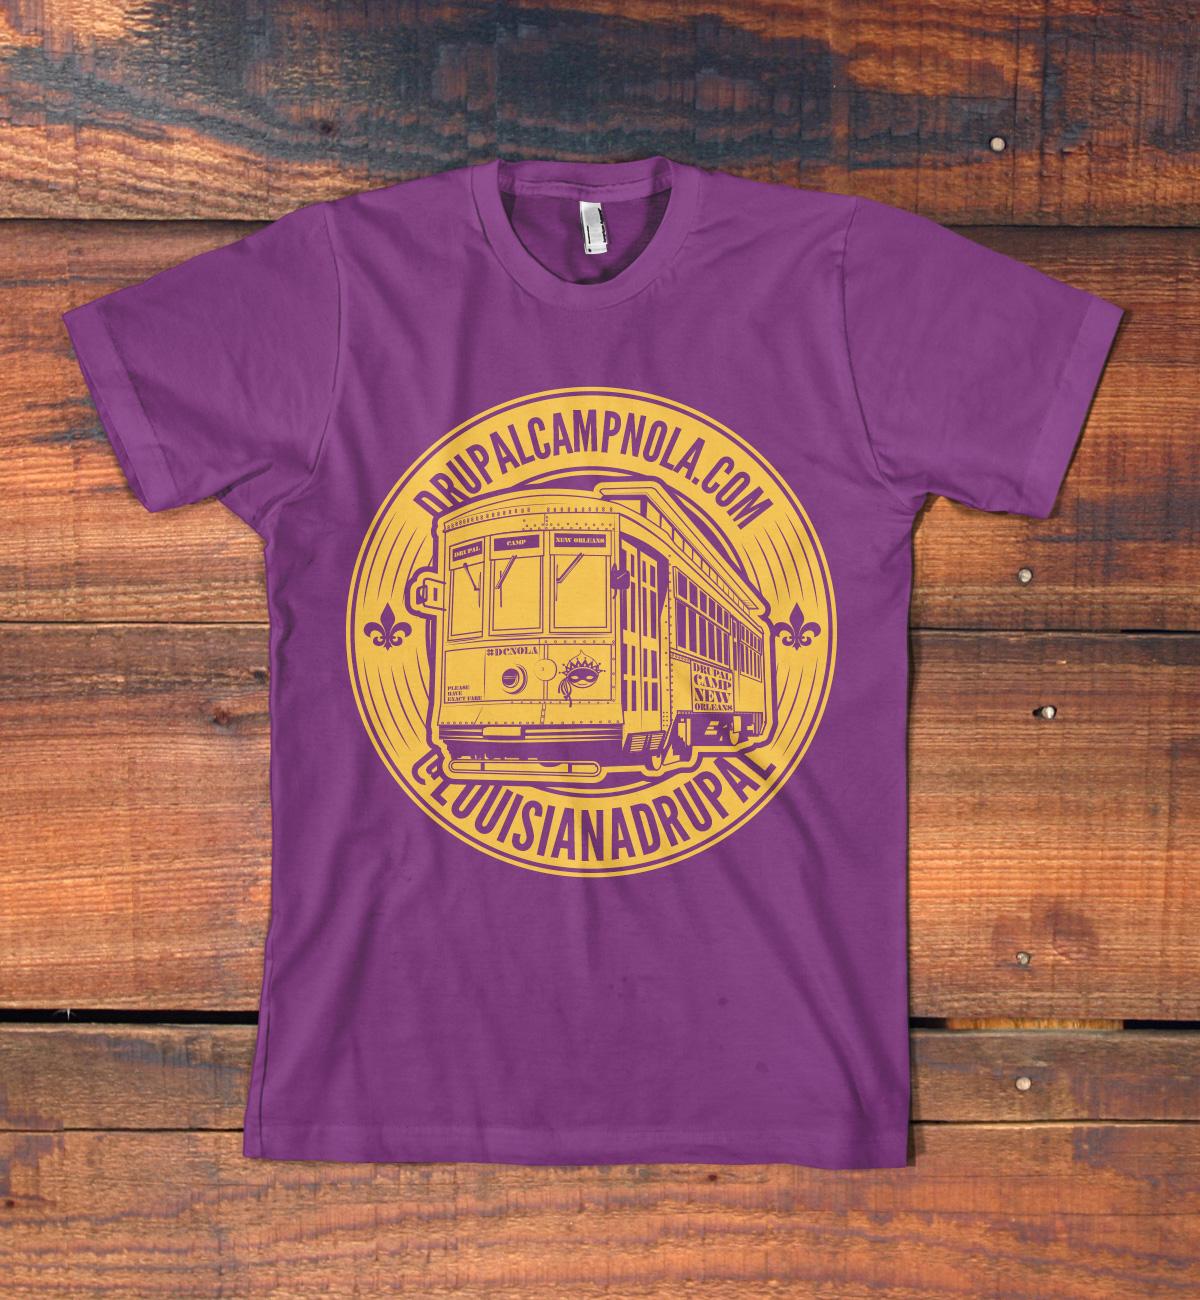 T shirt designs for drupalcamp new orleans drupal groups for T shirt printing new orleans